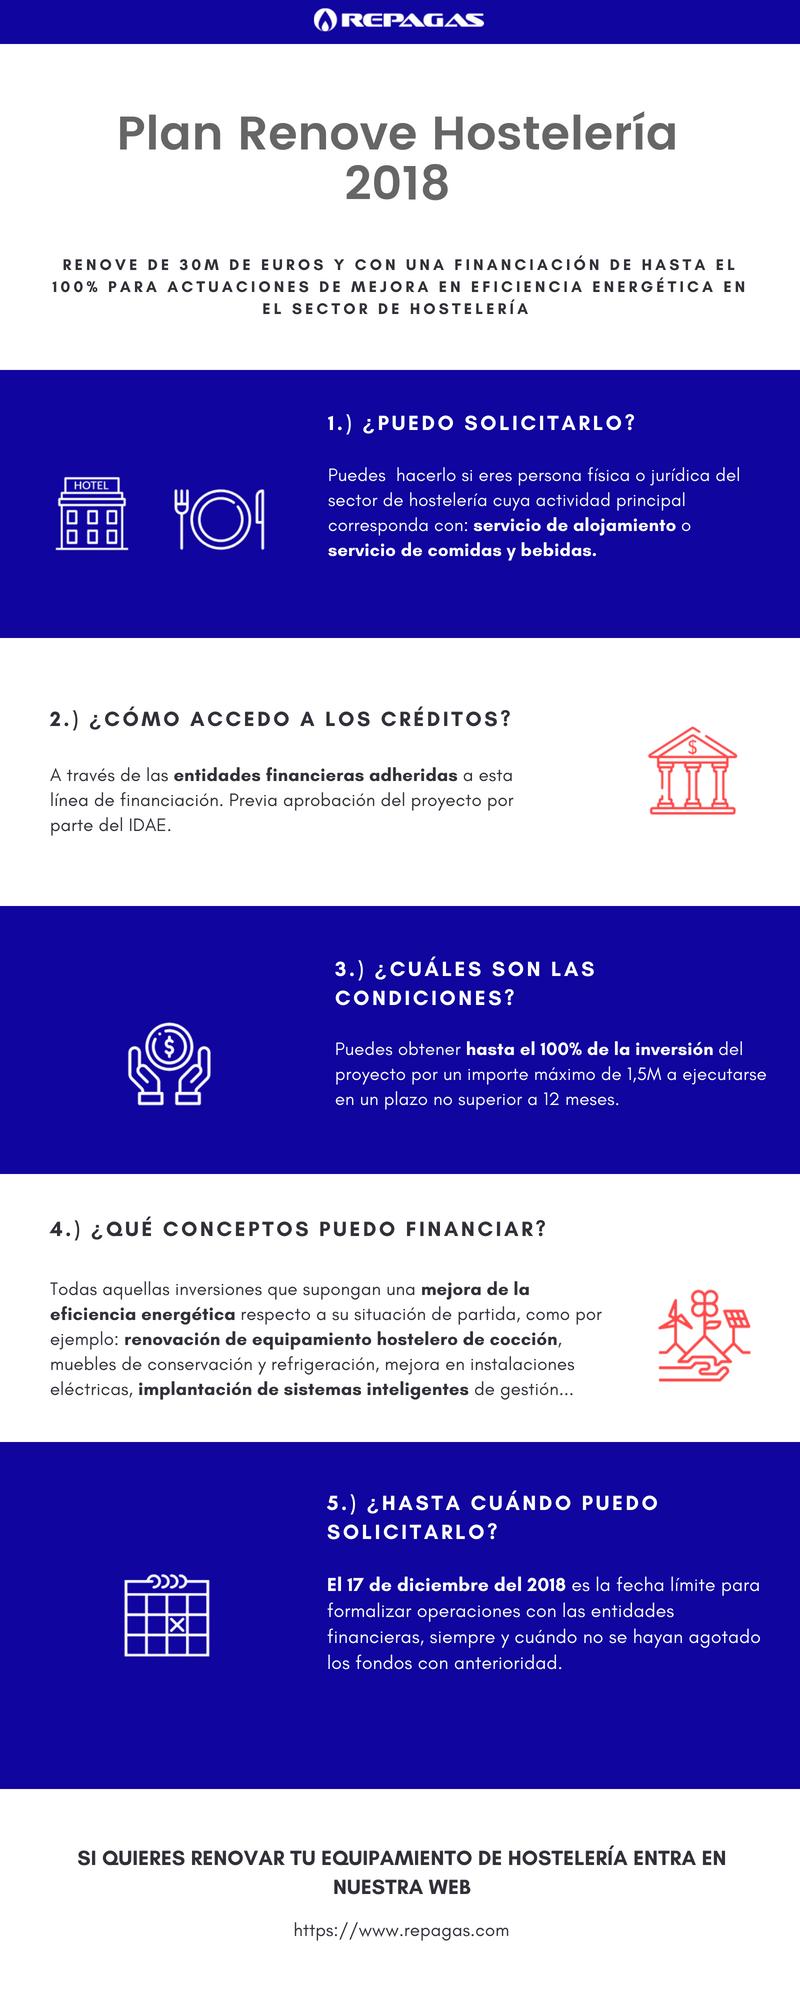 Repagas_Plan_Renove_2018_Infografia